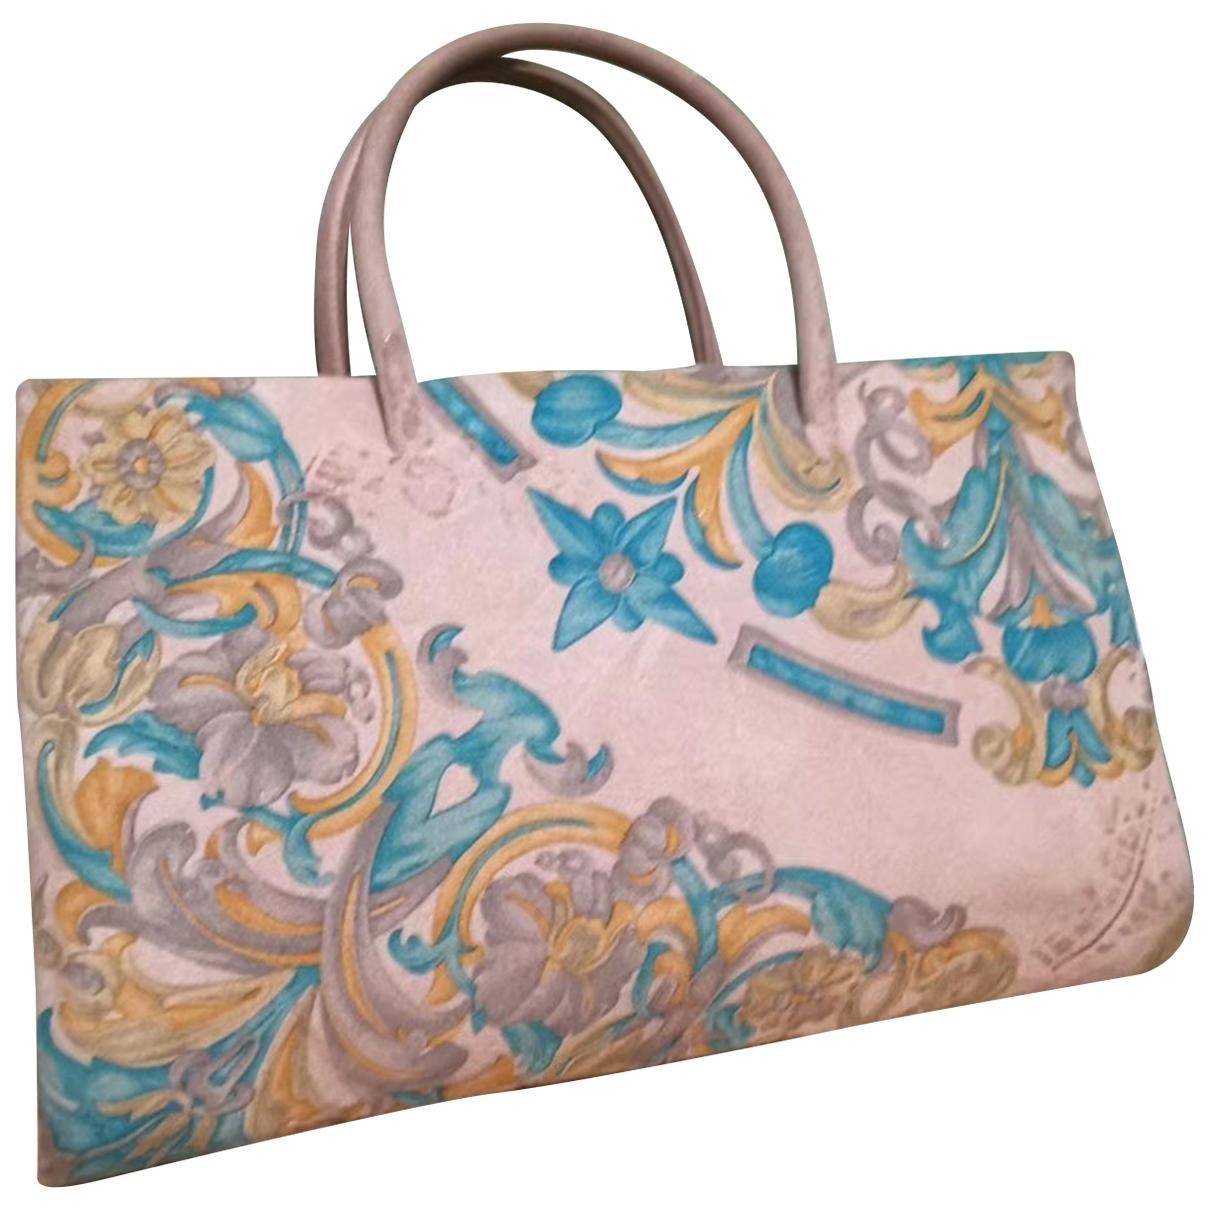 Loewe \N Beige Suede handbag for Women \N